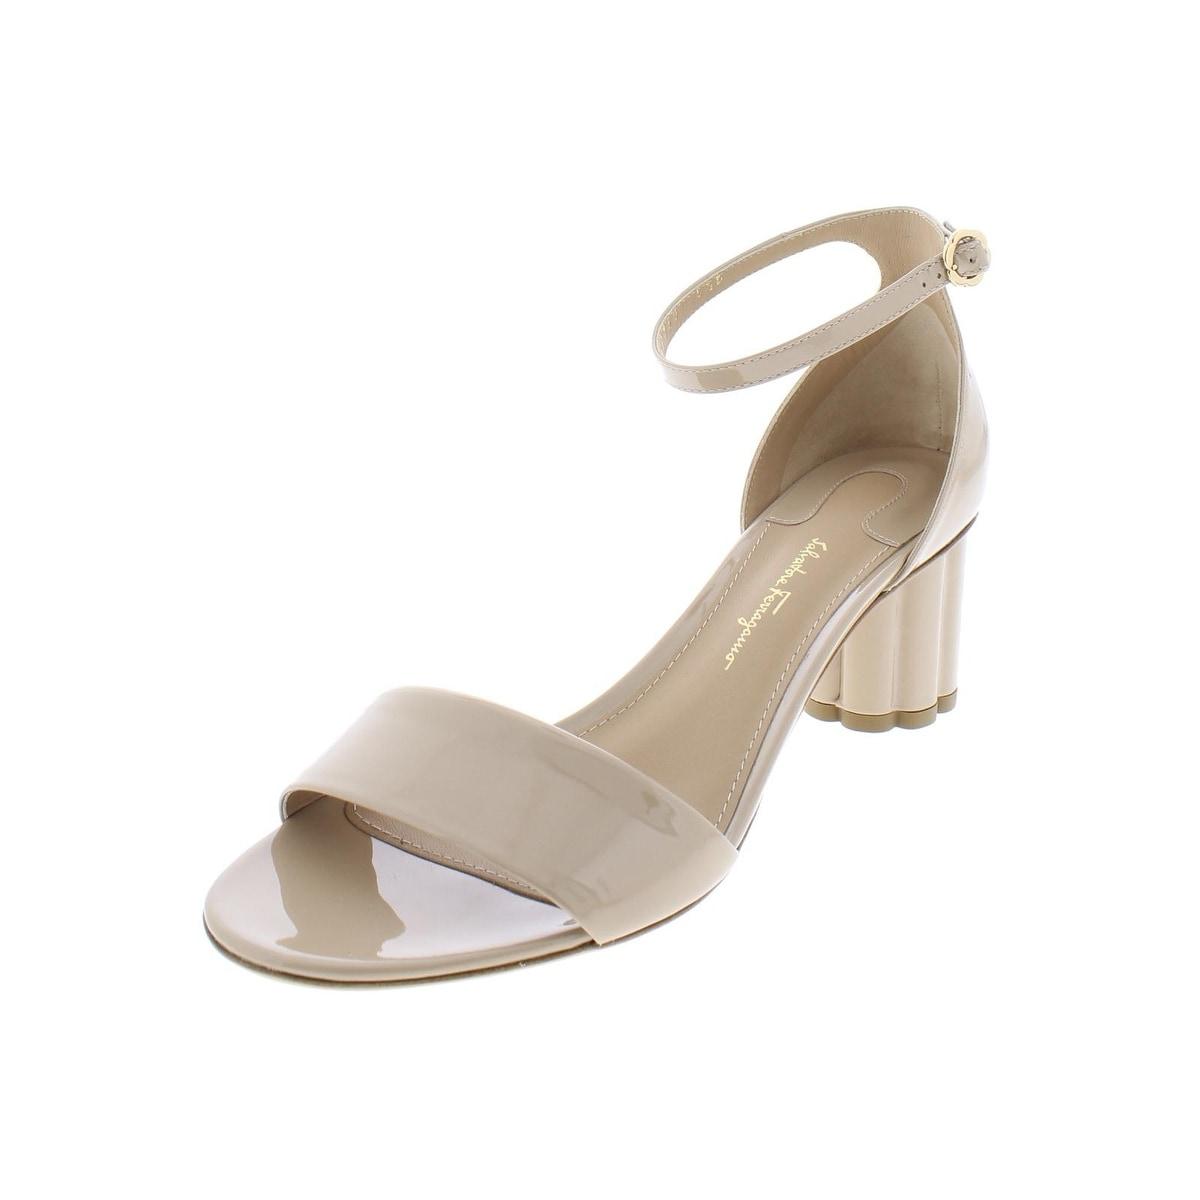 354e861a1375 Salvatore Ferragamo Shoes